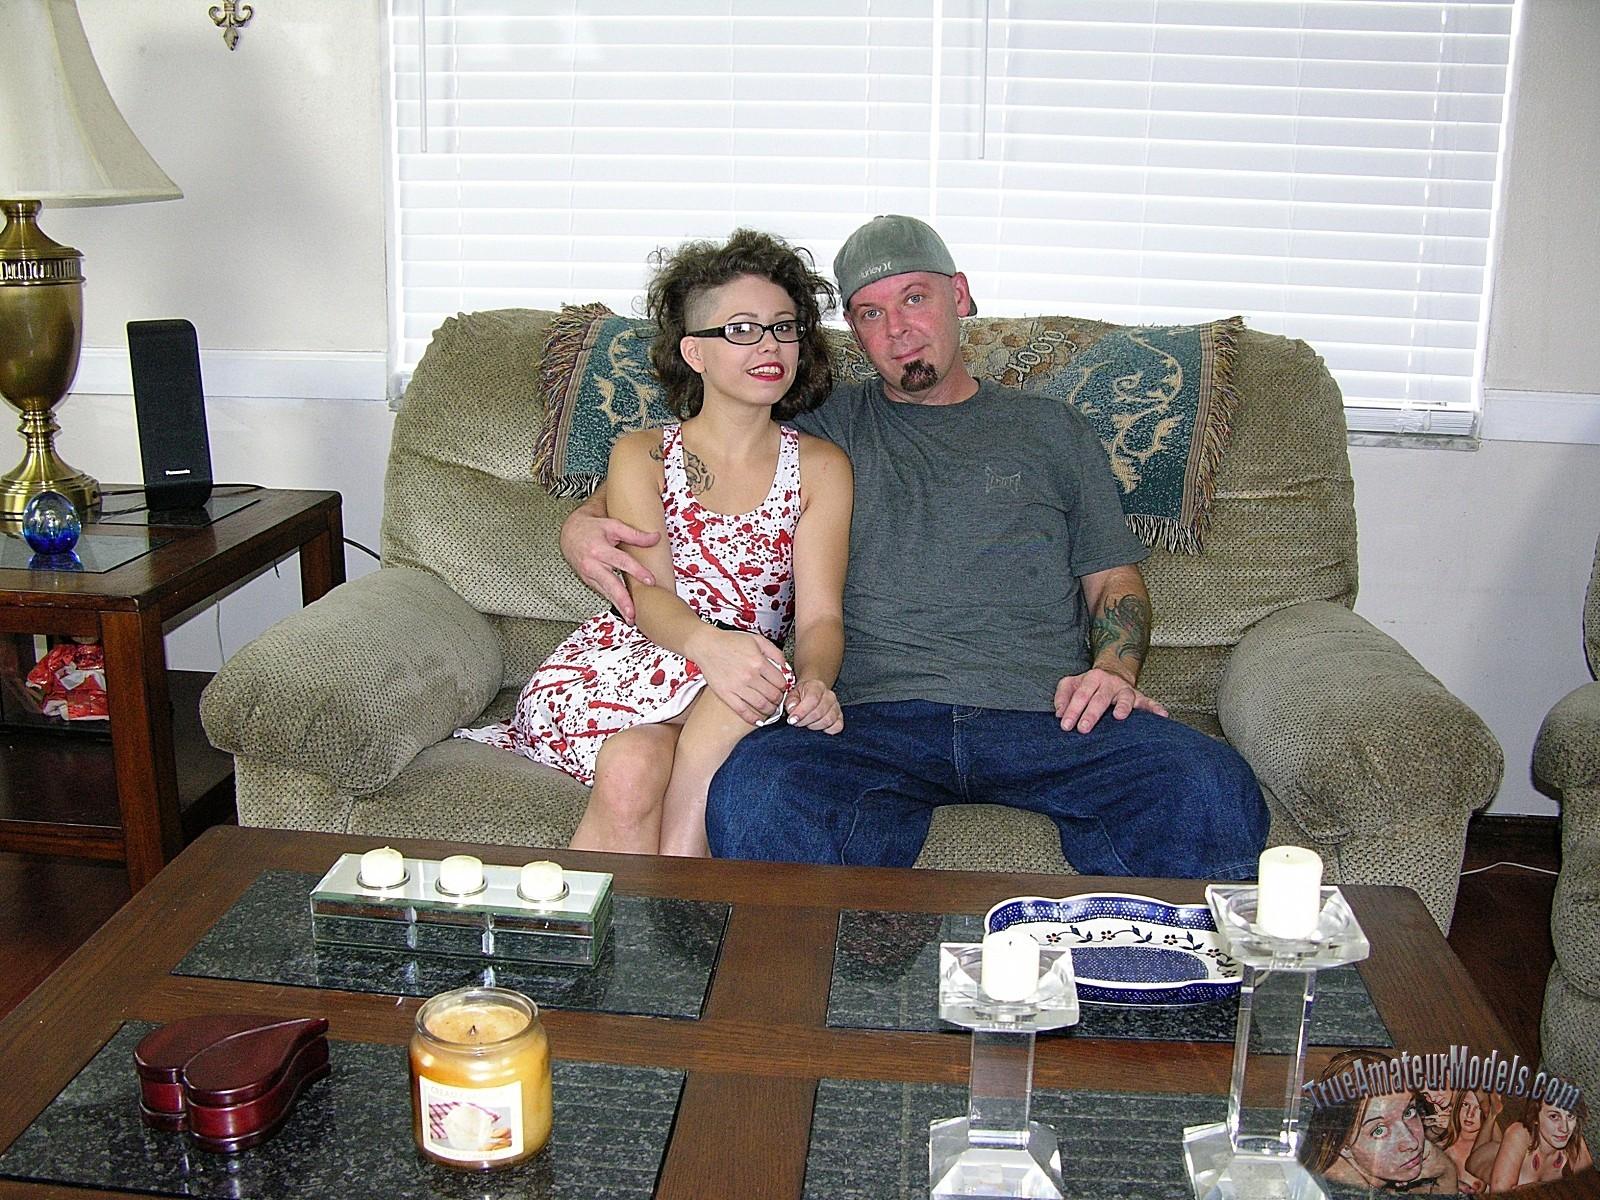 Кучерявая сучка в очках делает минет своему мужу который недавно вернулся домой